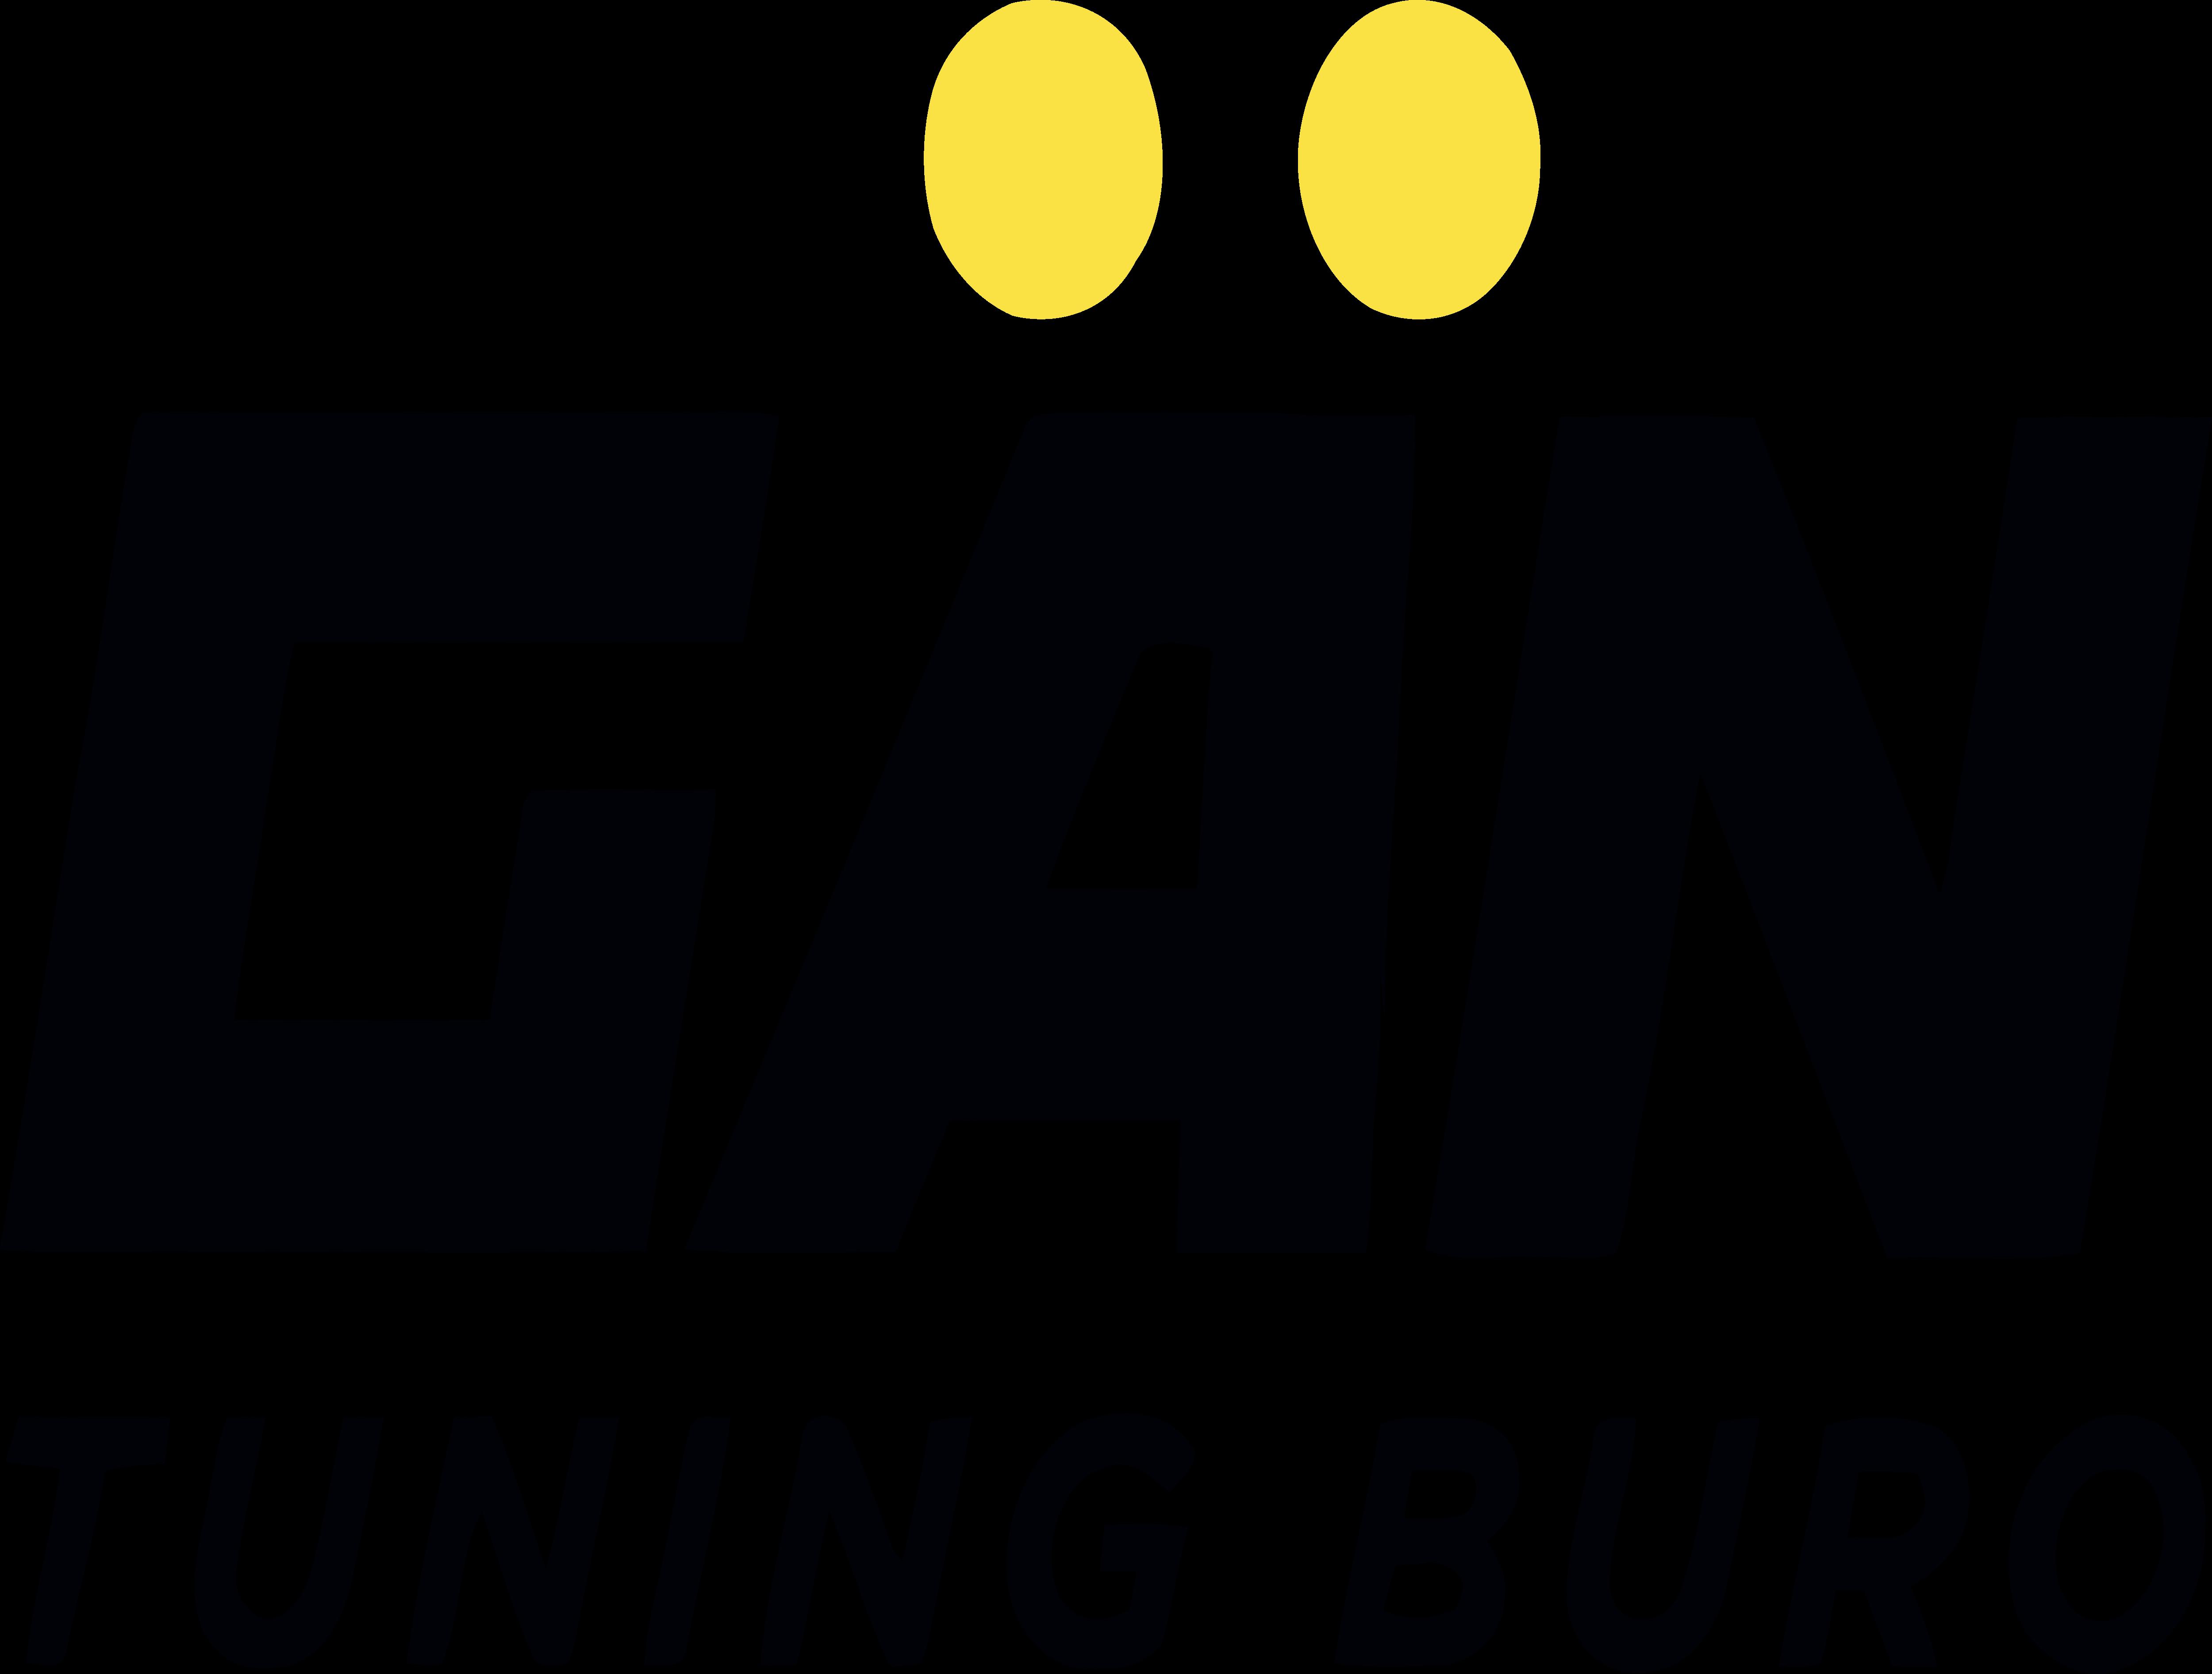 Gan Tuning Buro Logos Download